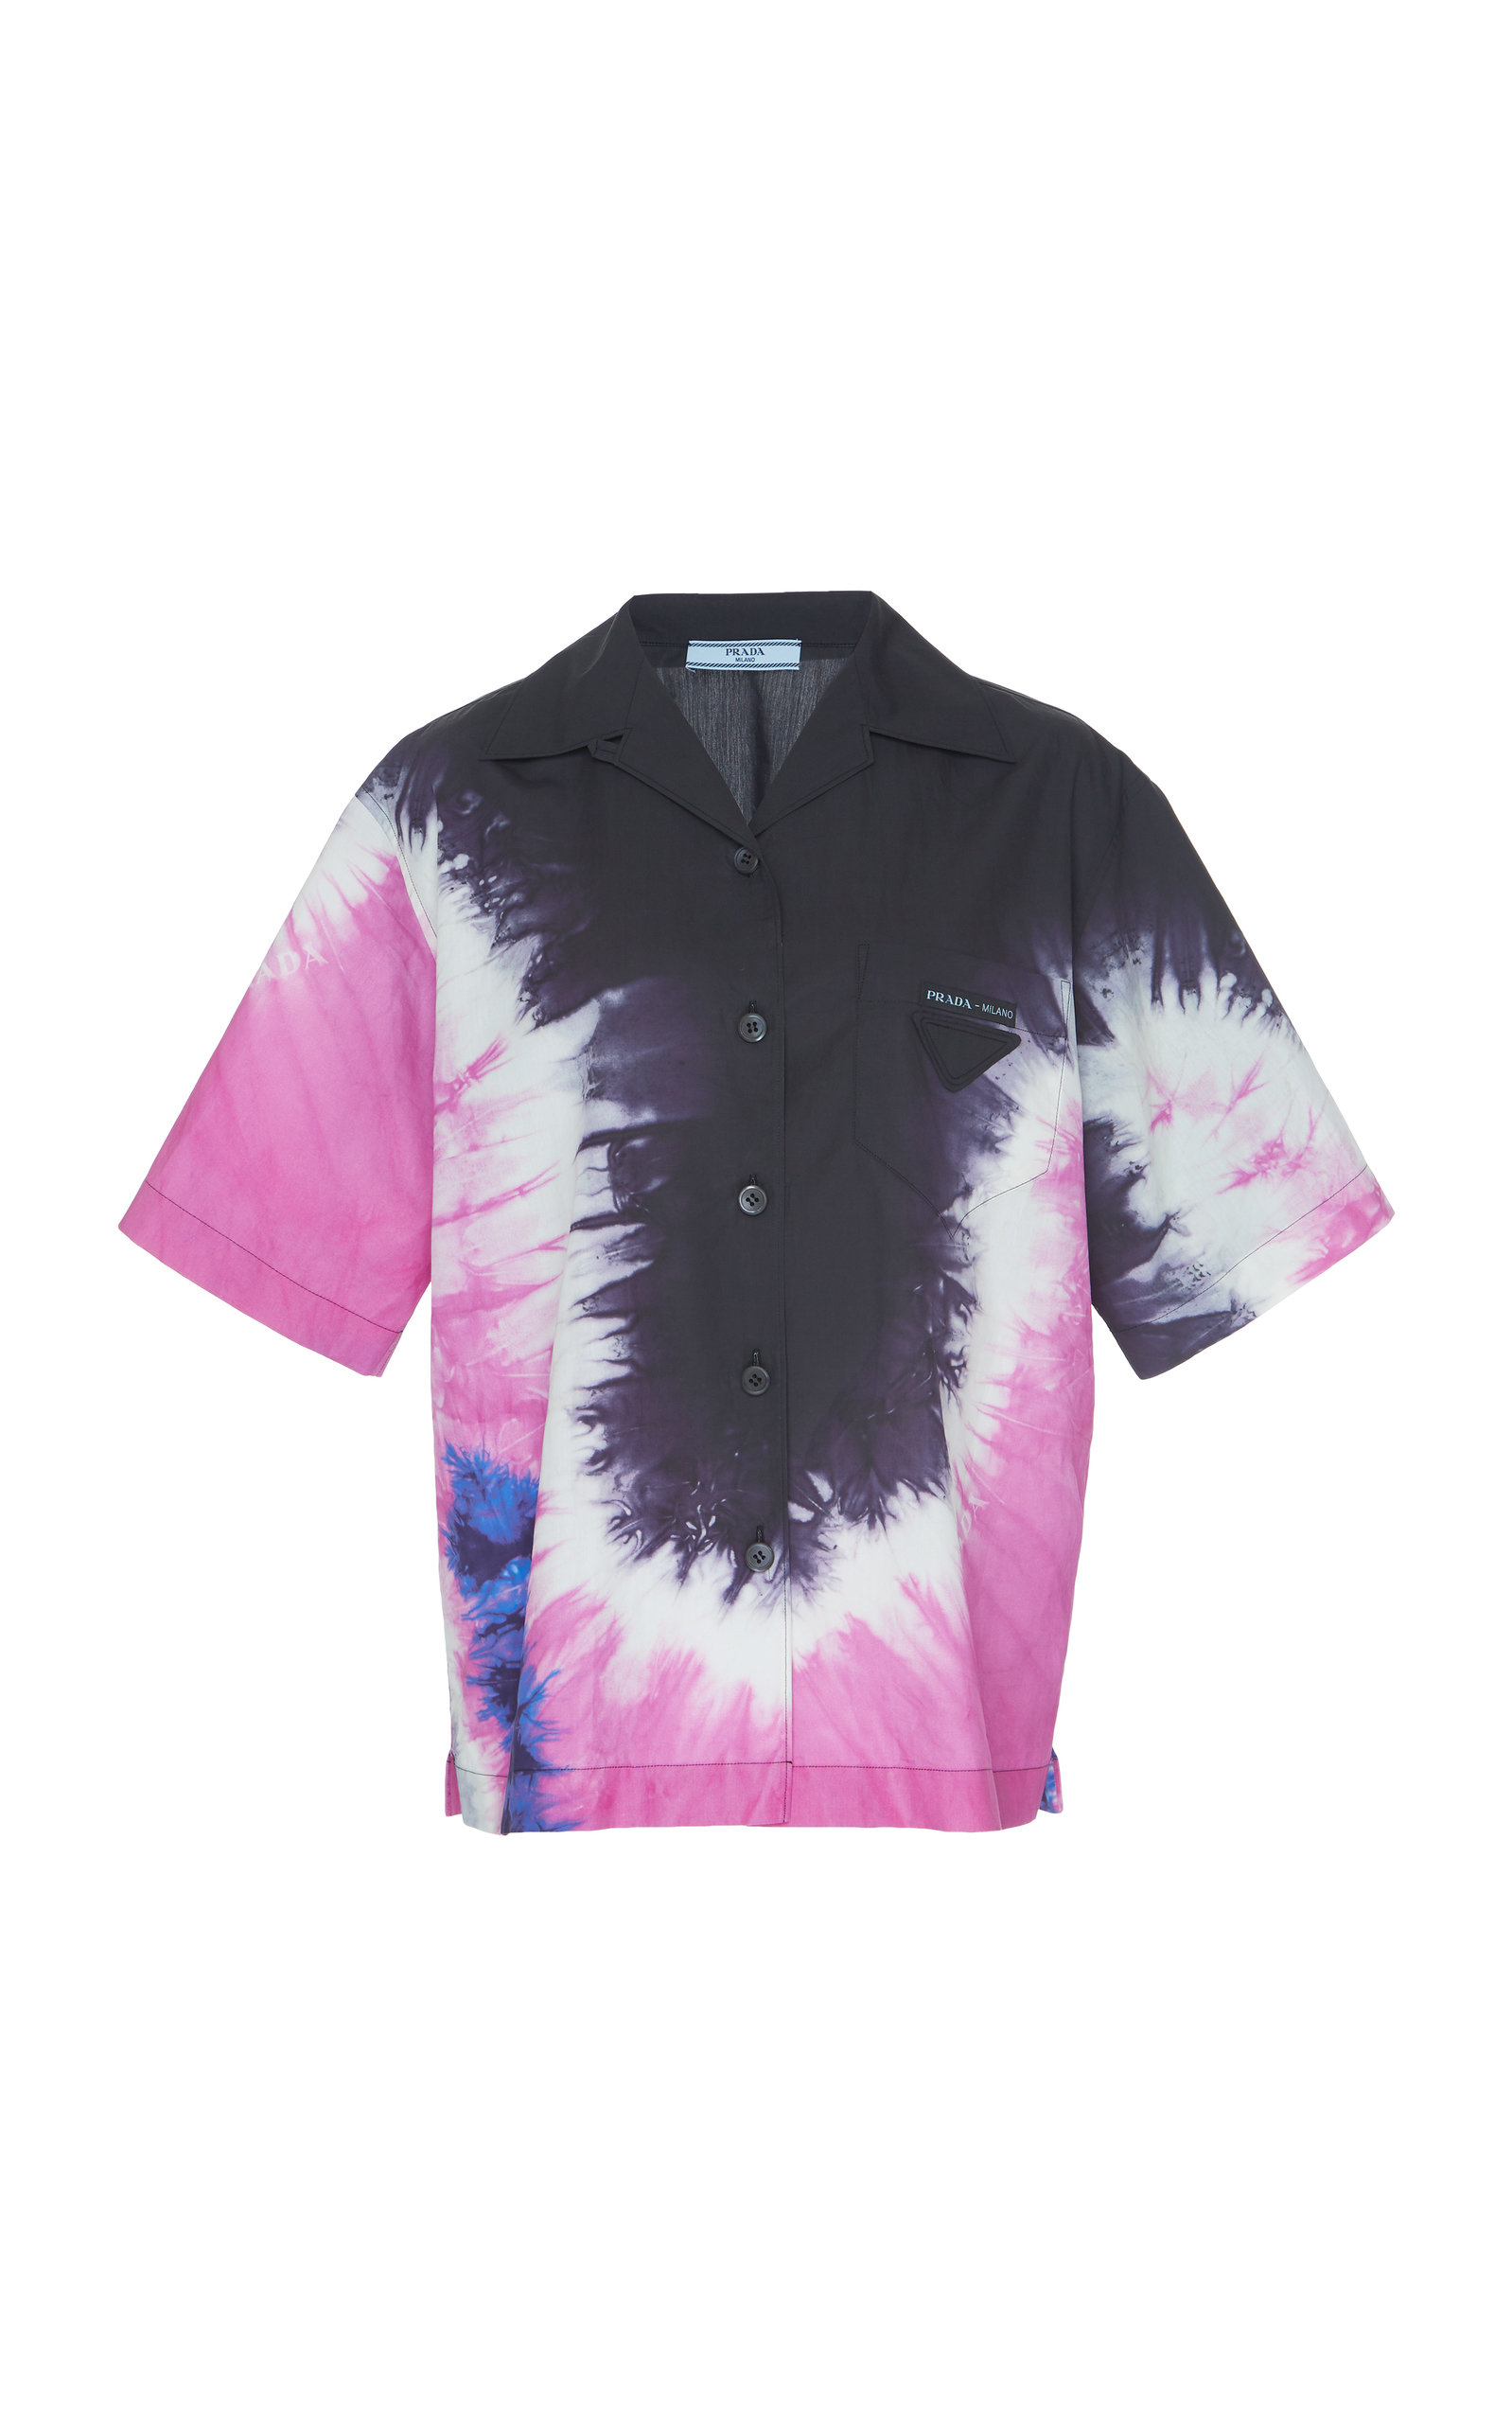 900420092bd Tie-Dye Cotton Shirt by Prada